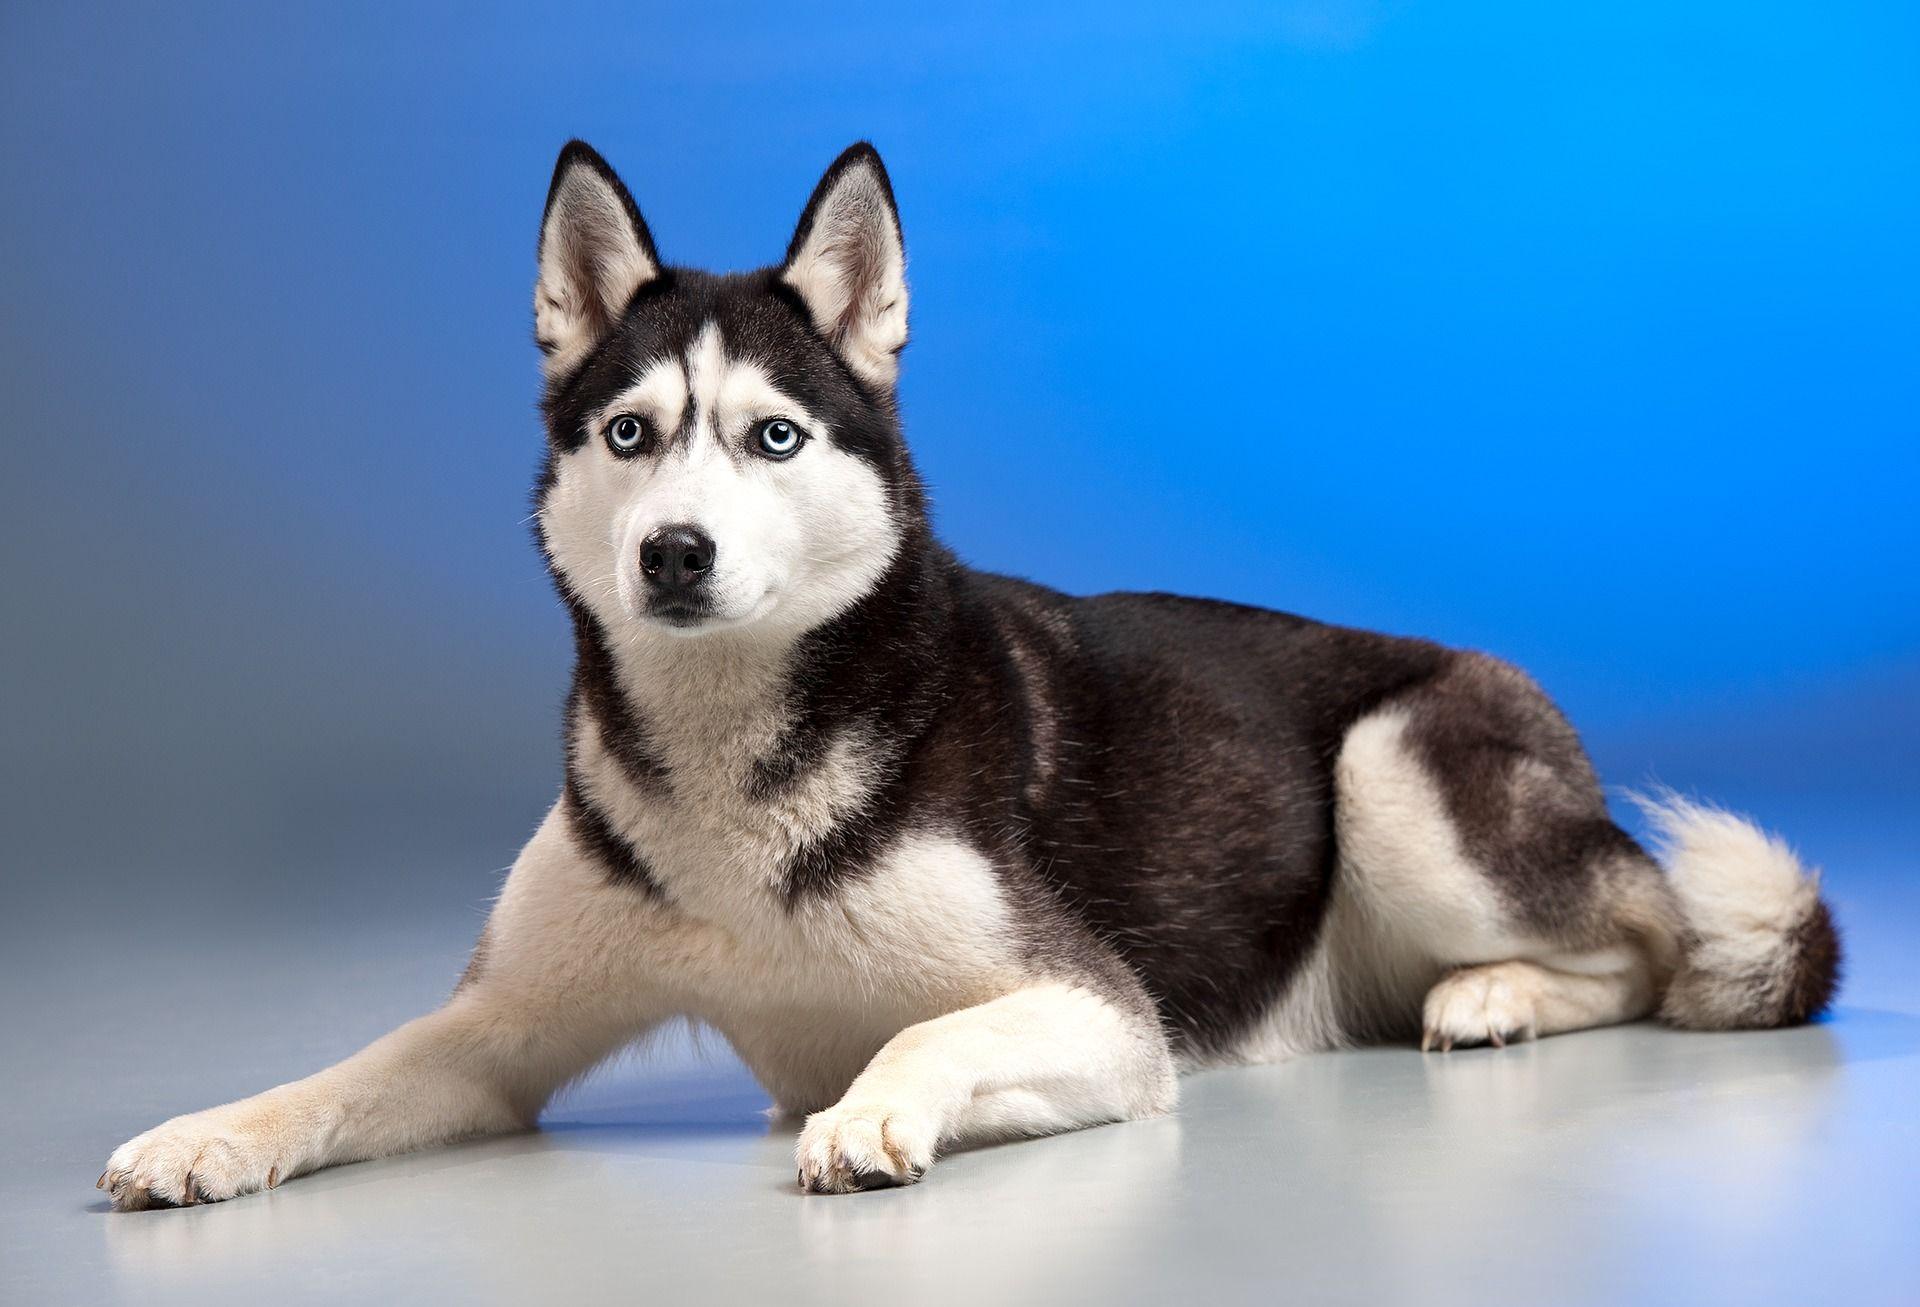 Скачать картинки собак породы хаски